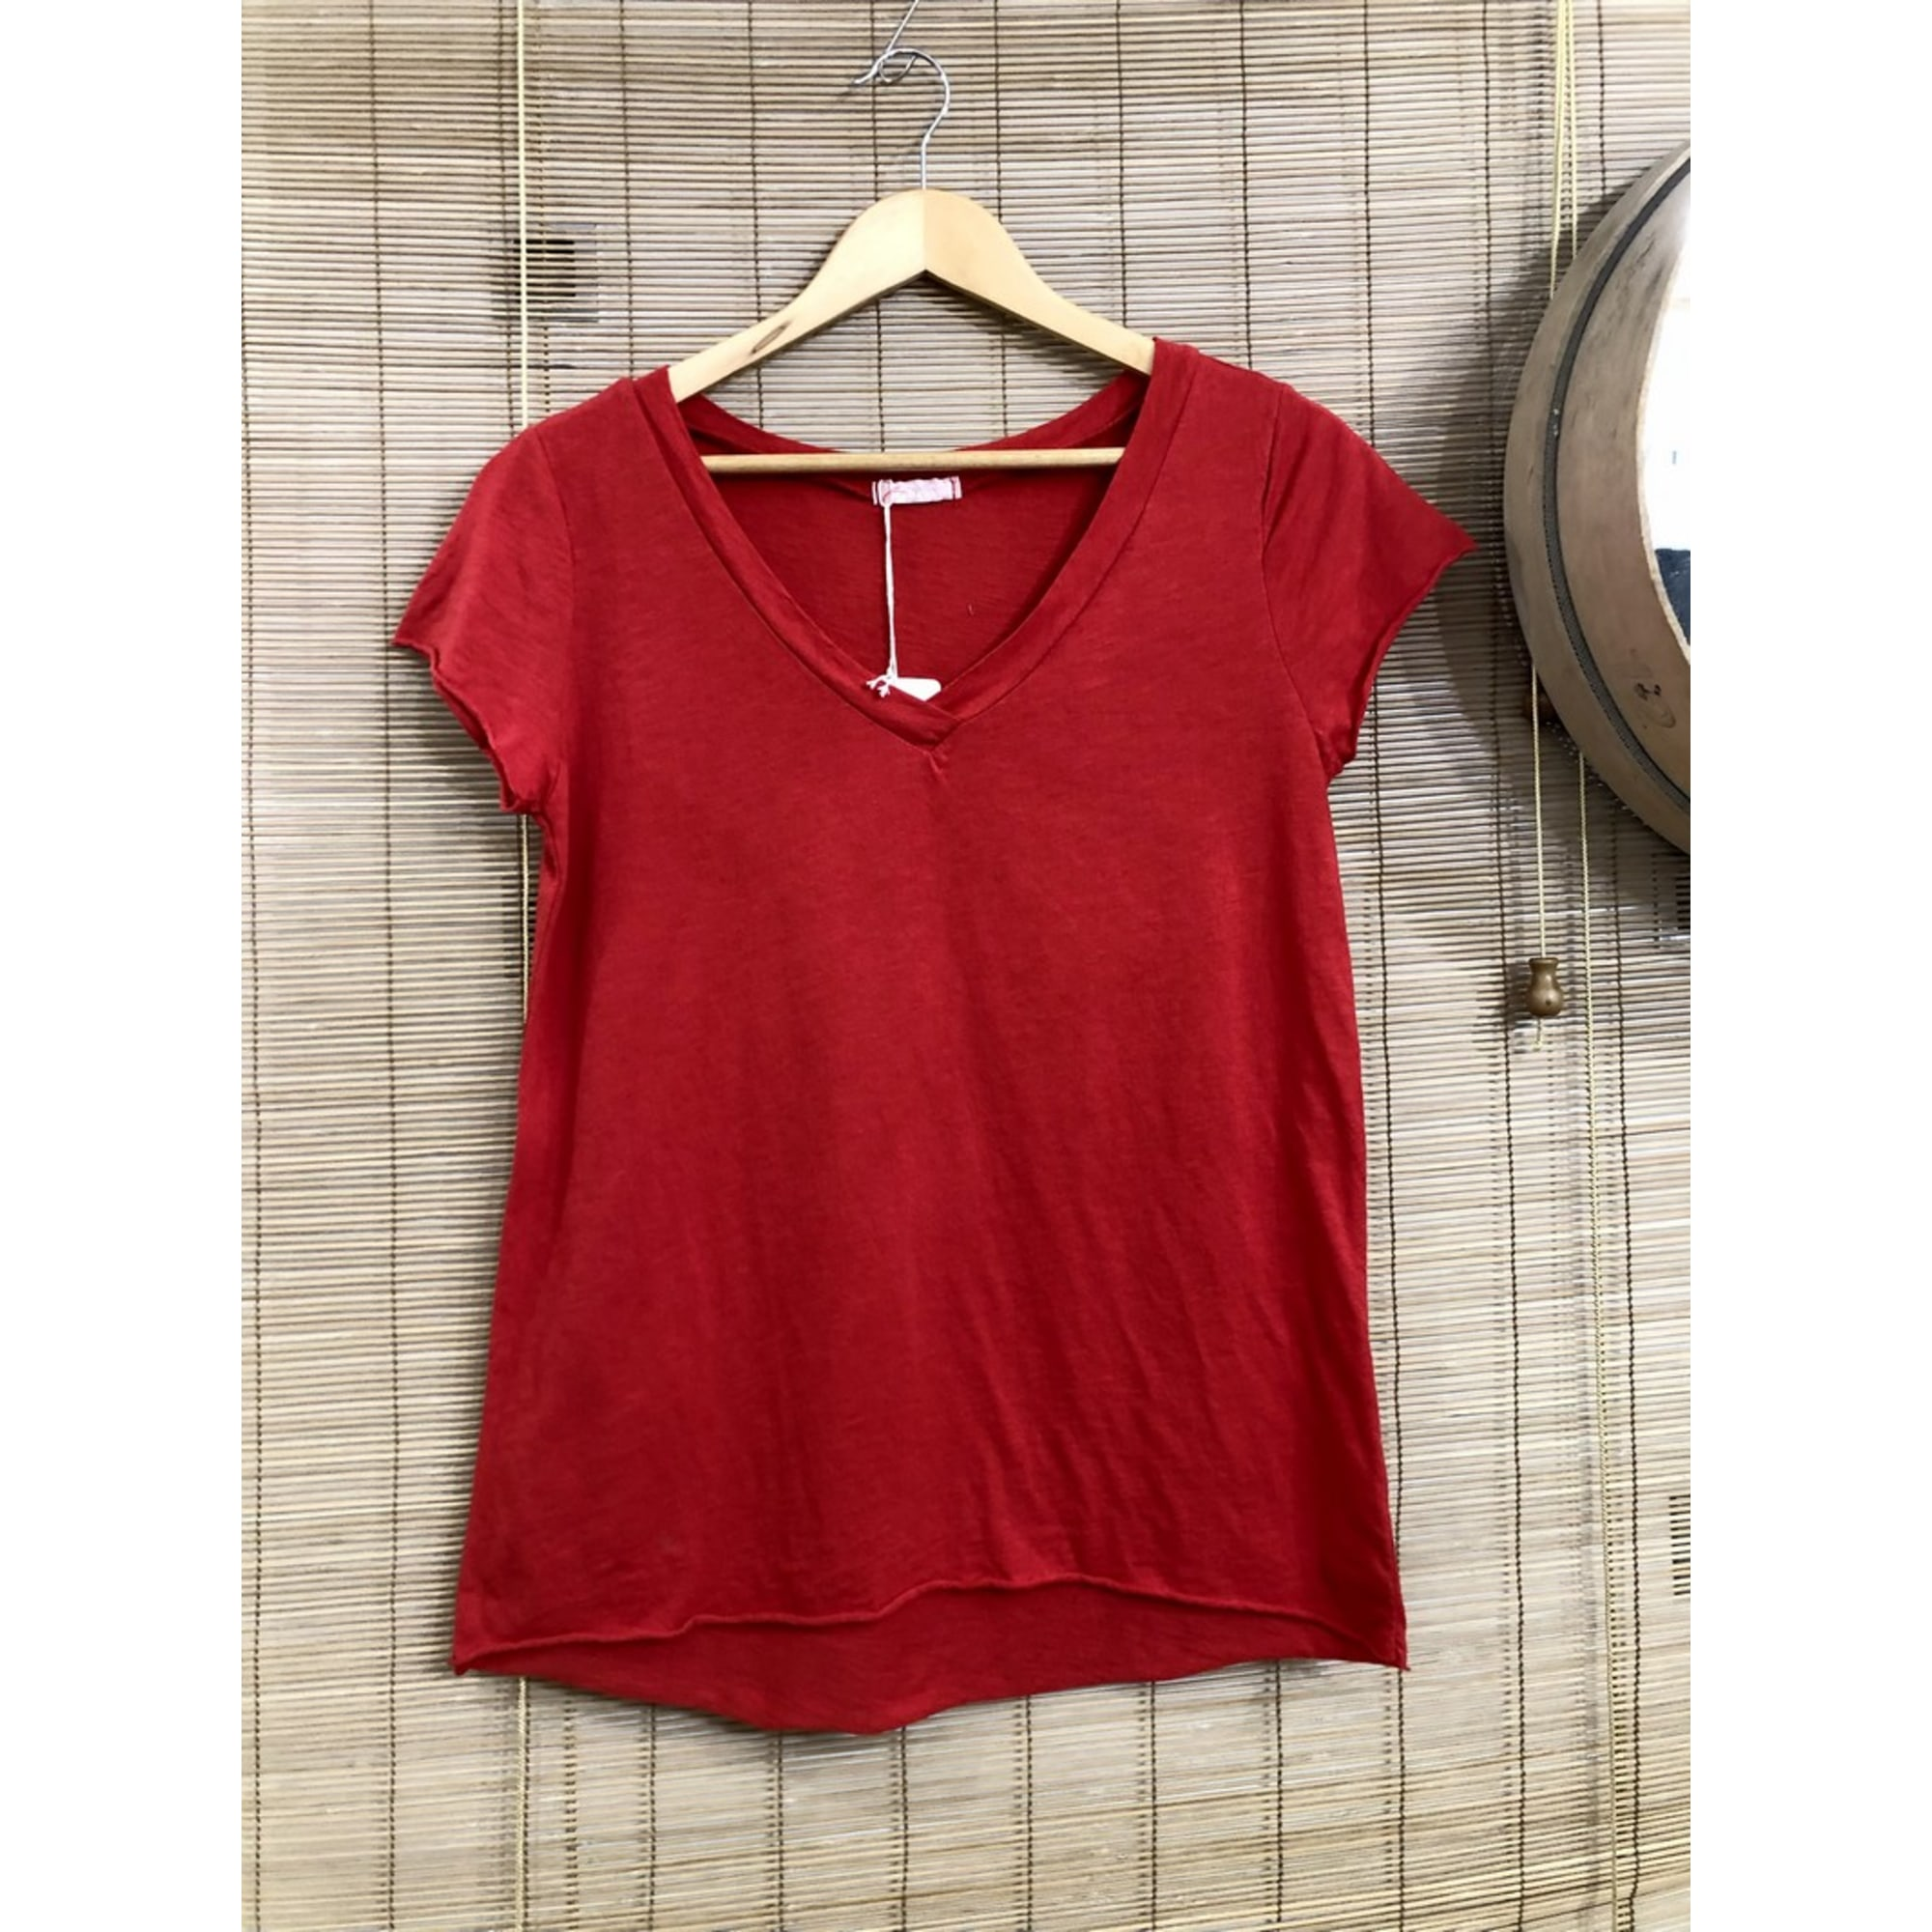 Top, tee-shirt MARQUE INCONNUE Rouge, bordeaux